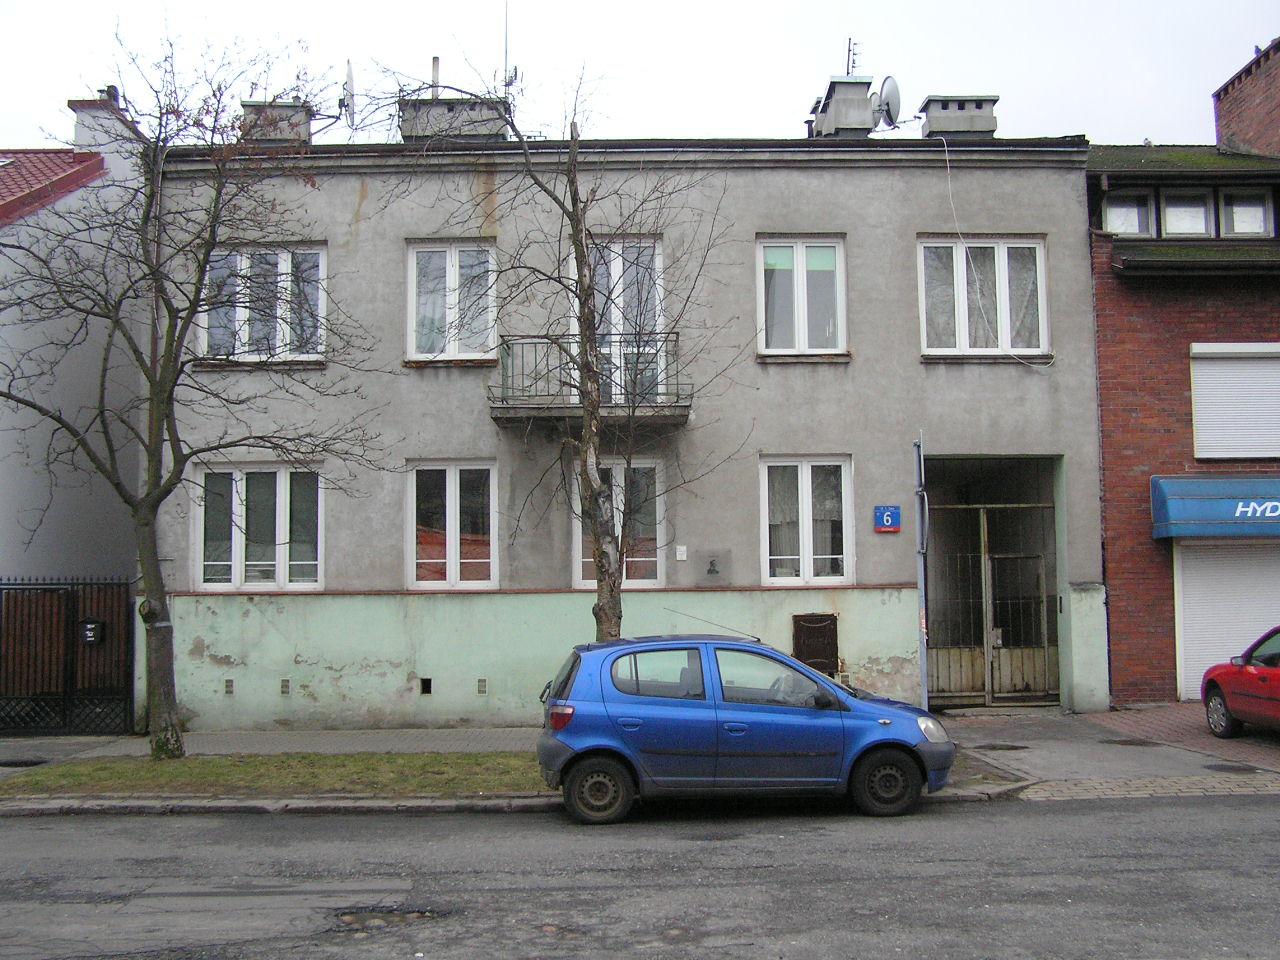 Kamienica przy ulicy Tomasza Zana 6 na Grochowie